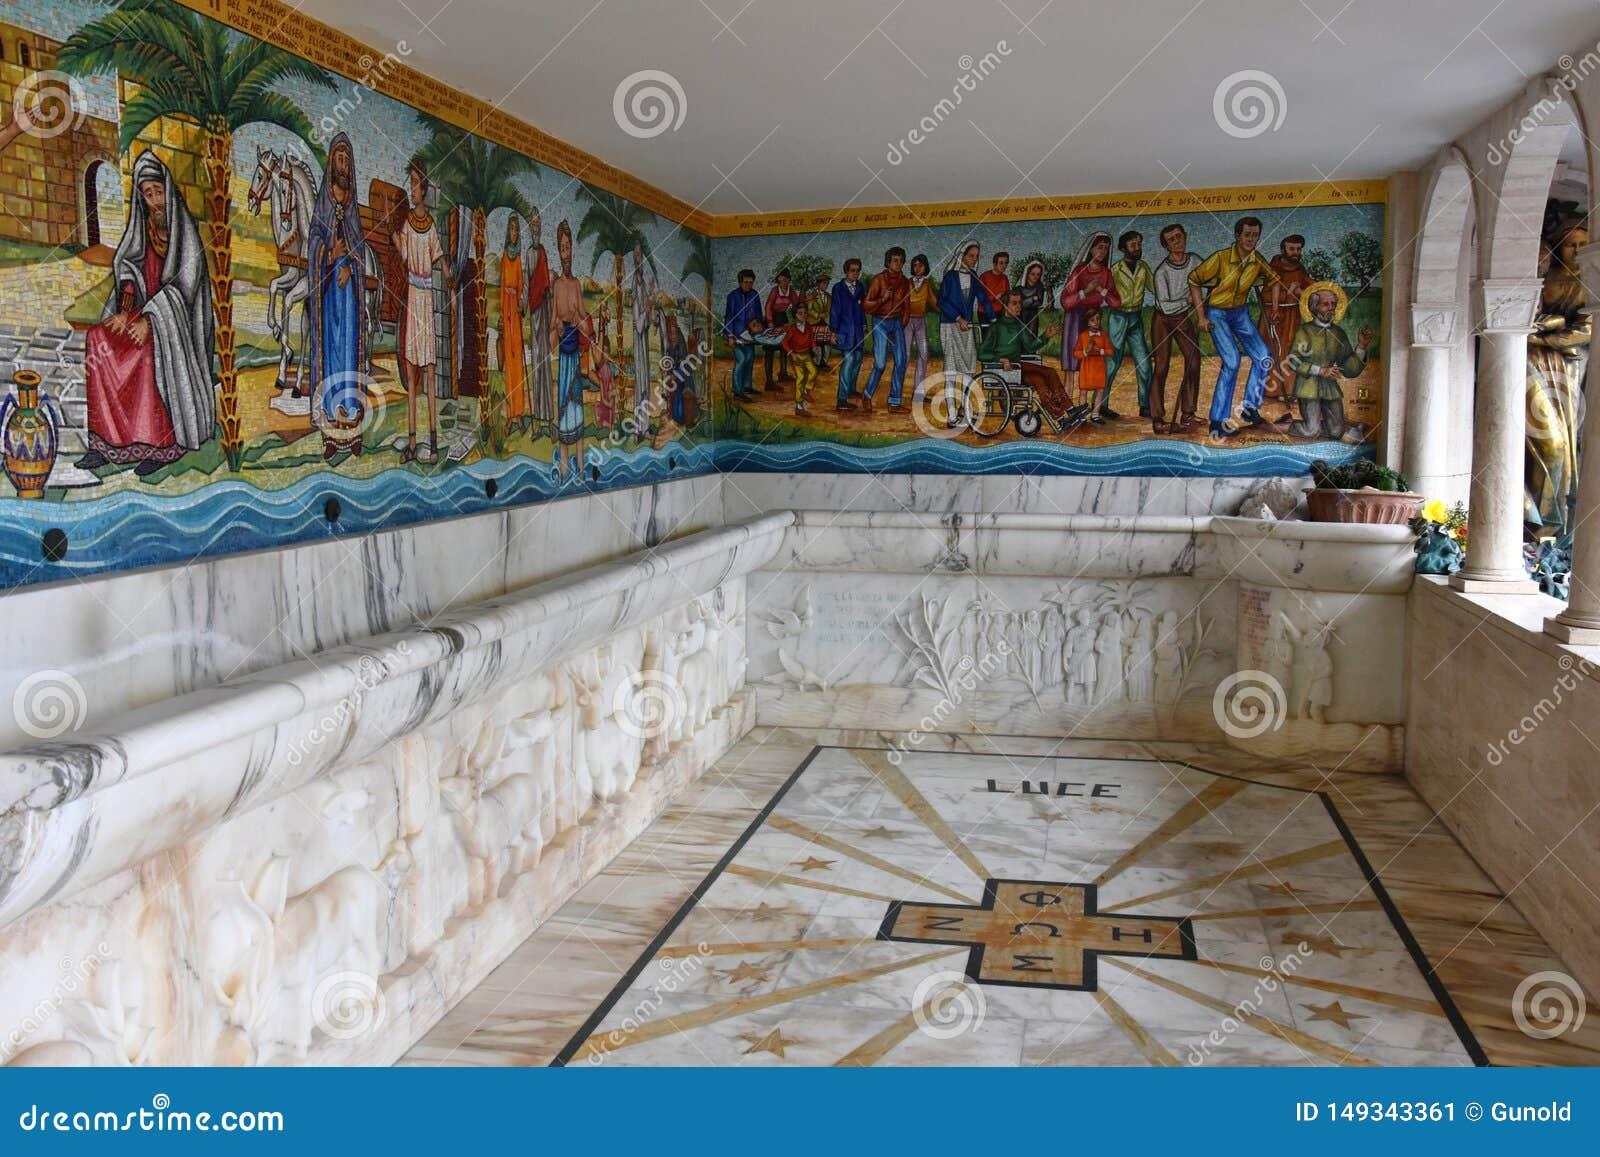 Wunderbares Wasser am Schongebiet Madonna der Pracht